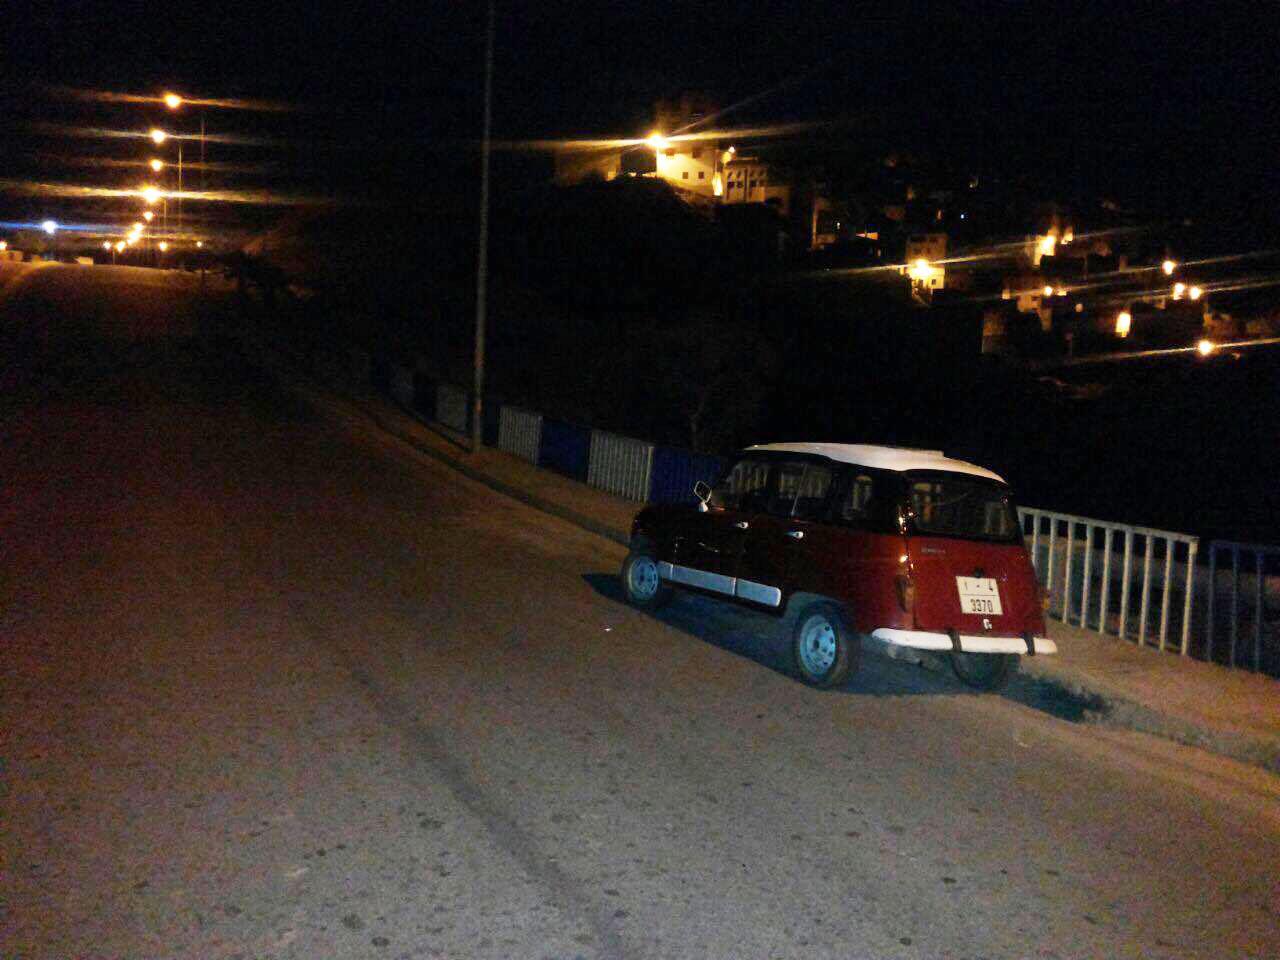 +صور..مديرية الحموشي ترد على المناضلة الريفية وردة: لقد كذبت بشأن سيارتك